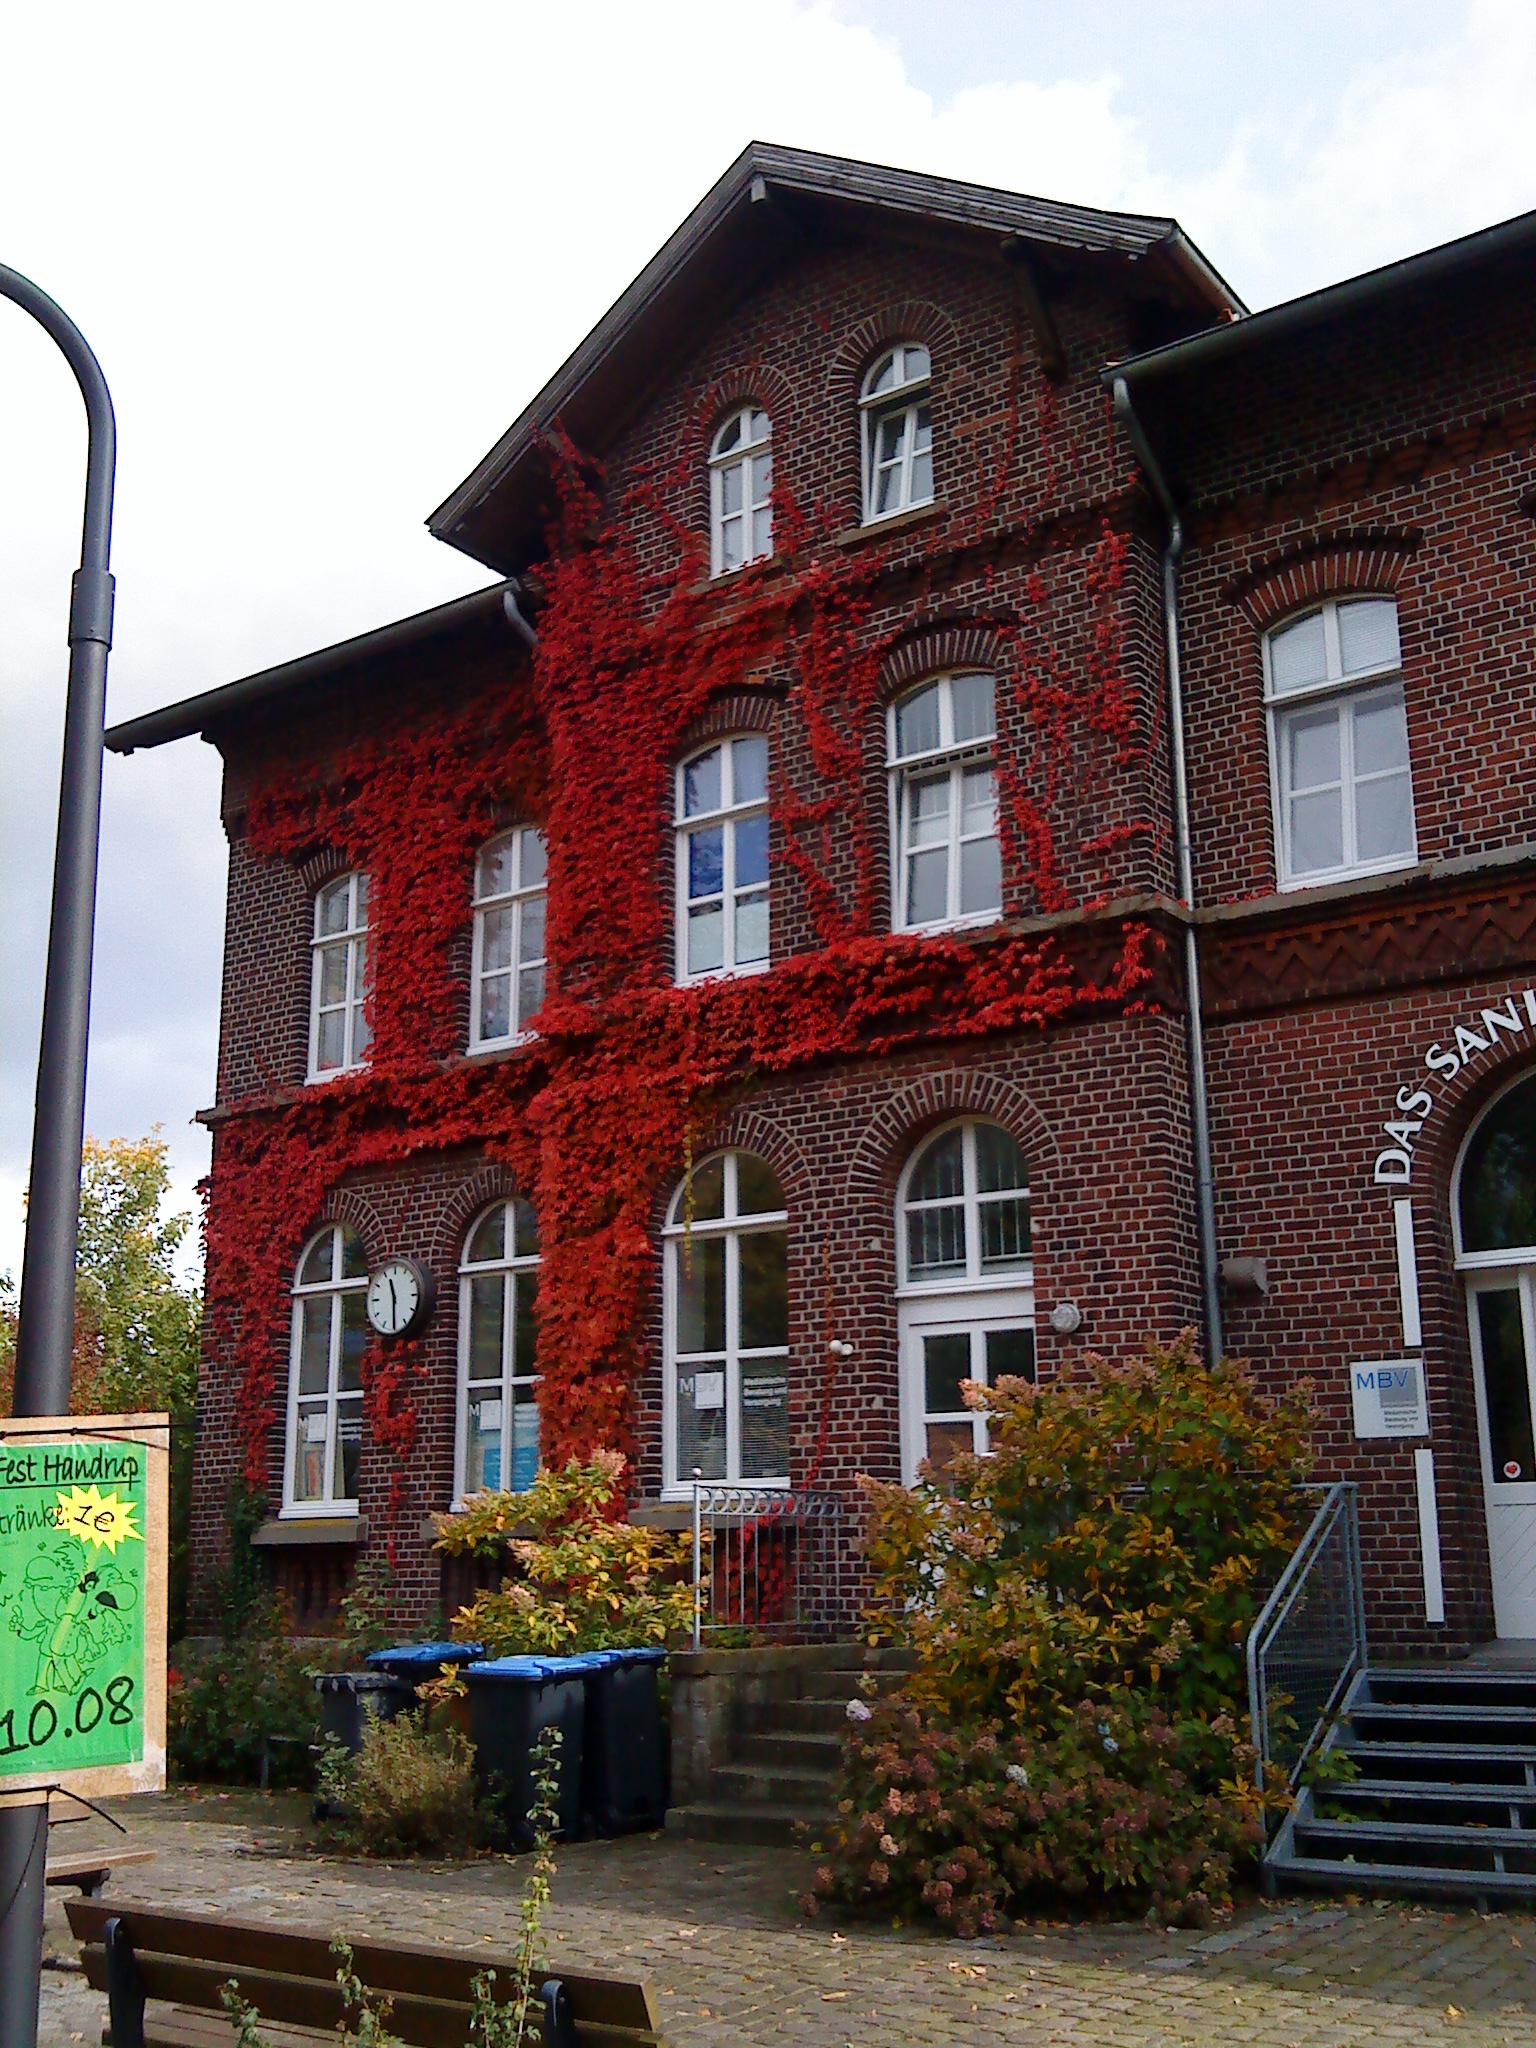 File:Spelle-Bahnhof.JPG - Wikimedia Commons  File:Spelle-Bah...